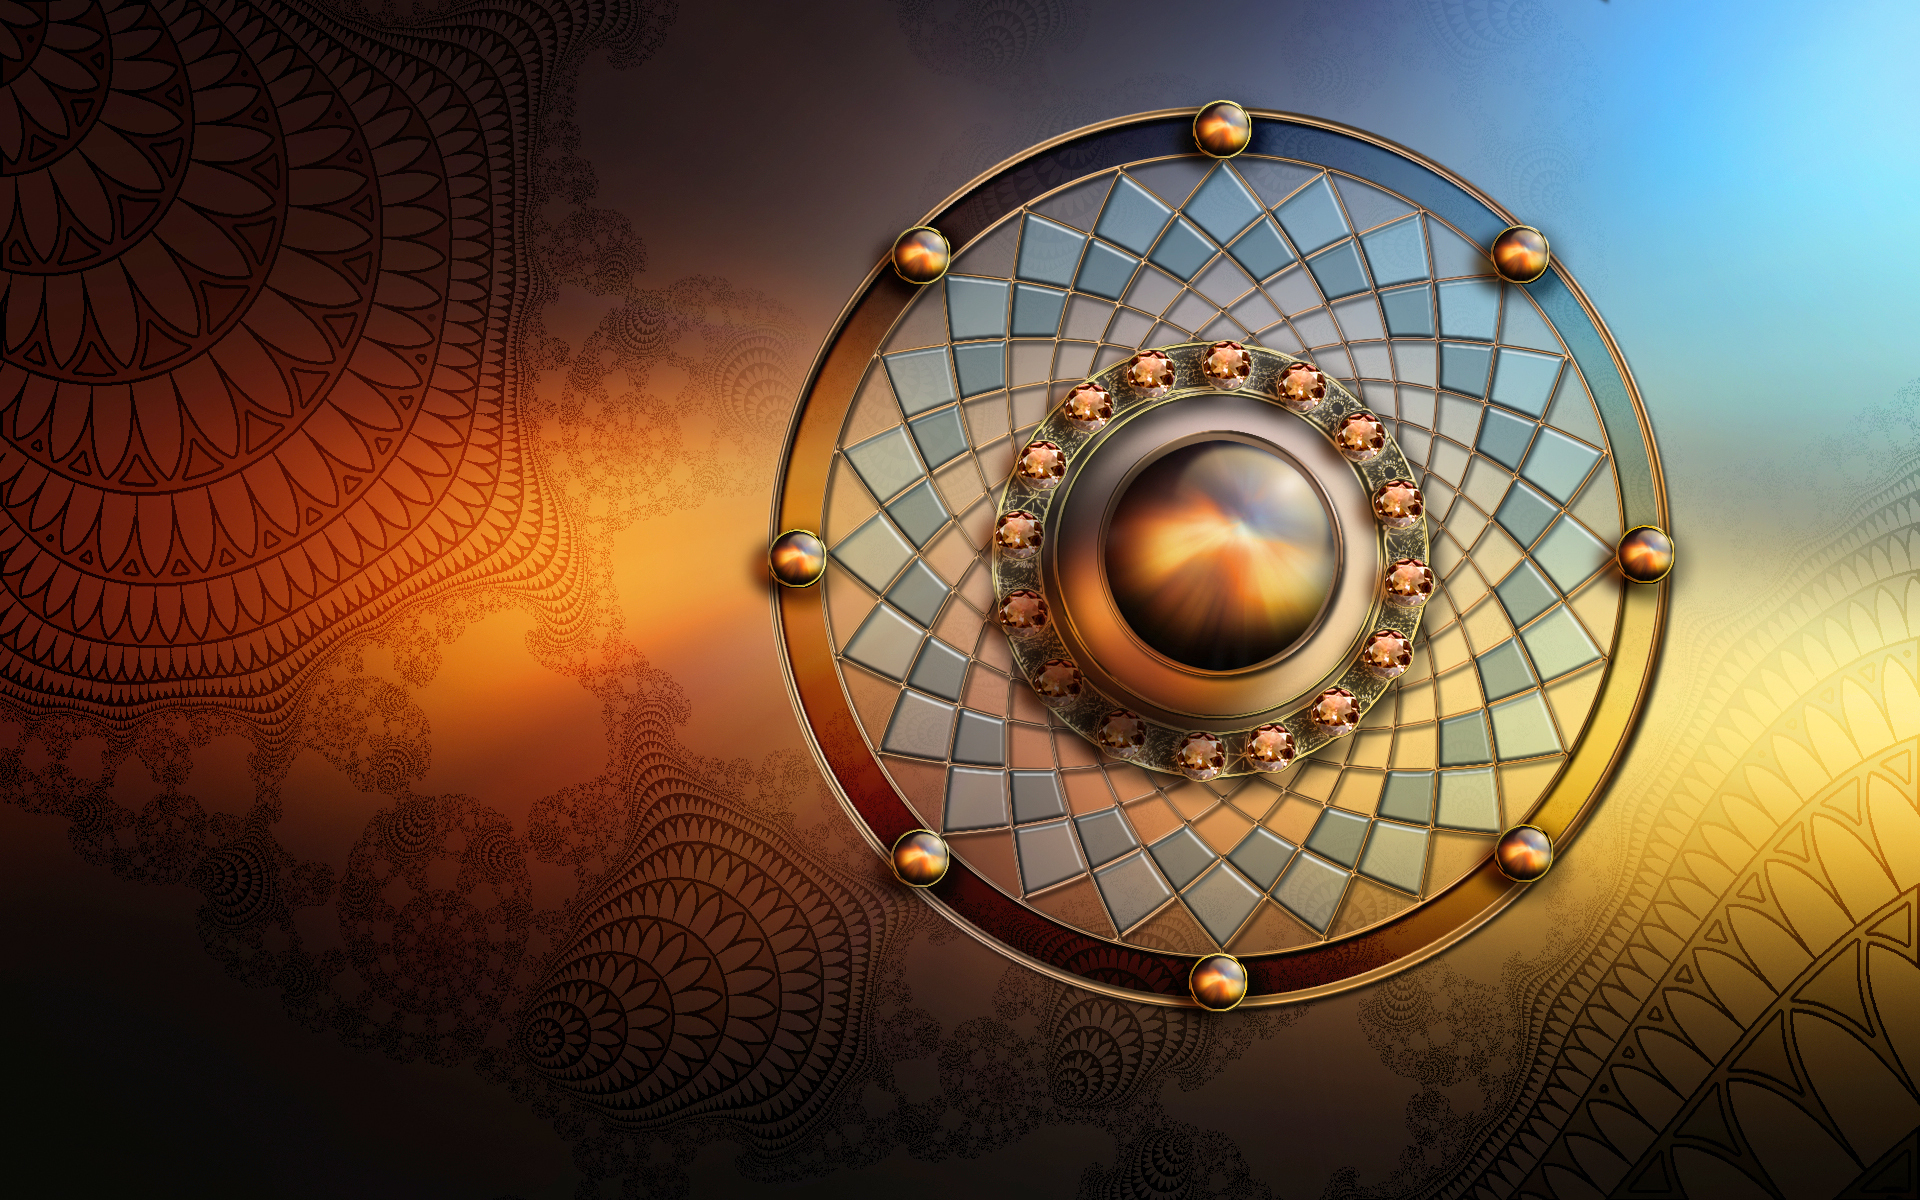 Фигура круг коричневый  № 2279621 загрузить